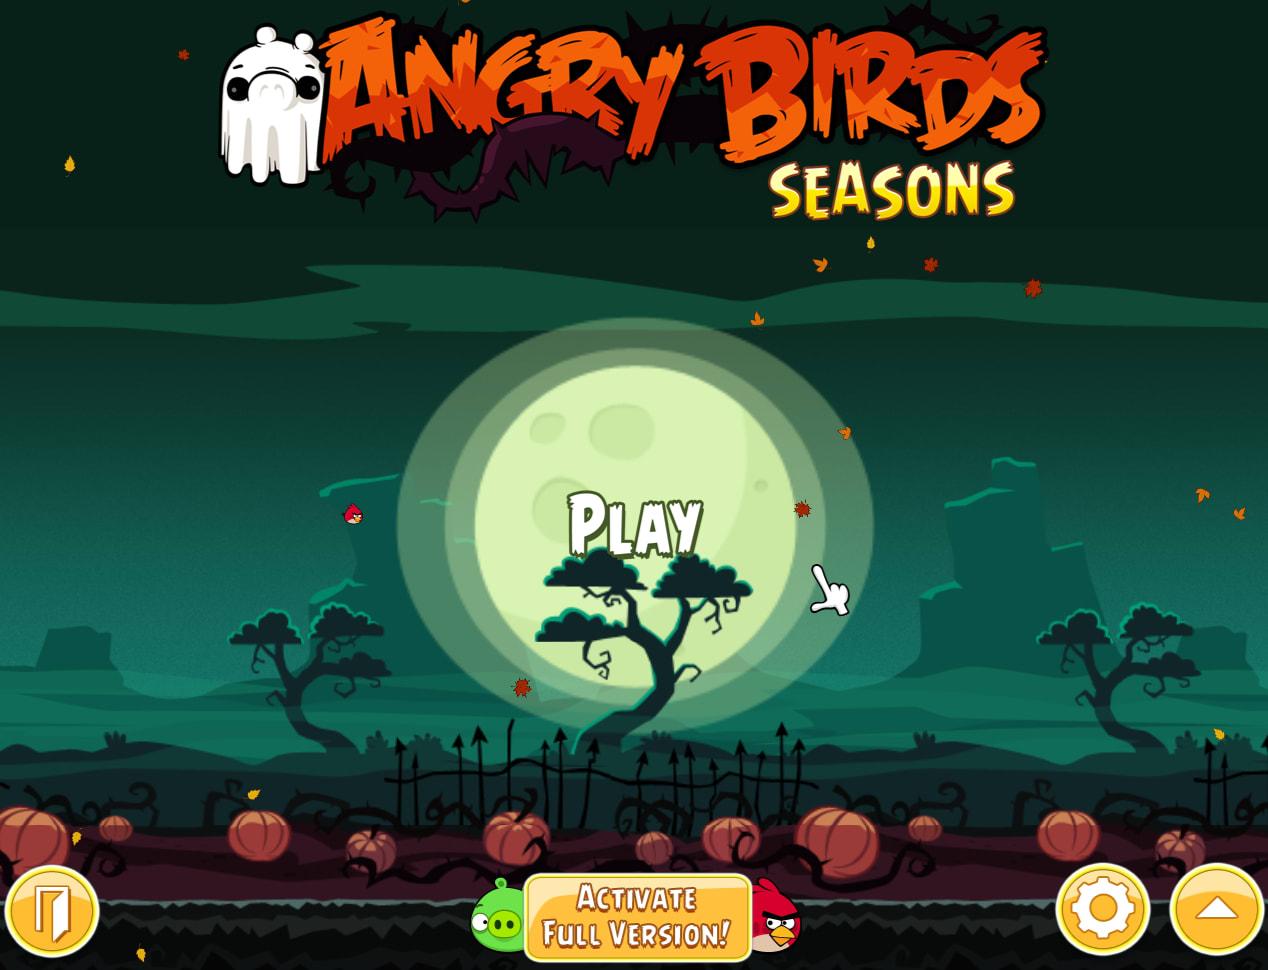 Angrybirds Francescanatale 05: Angry Birds Seasons